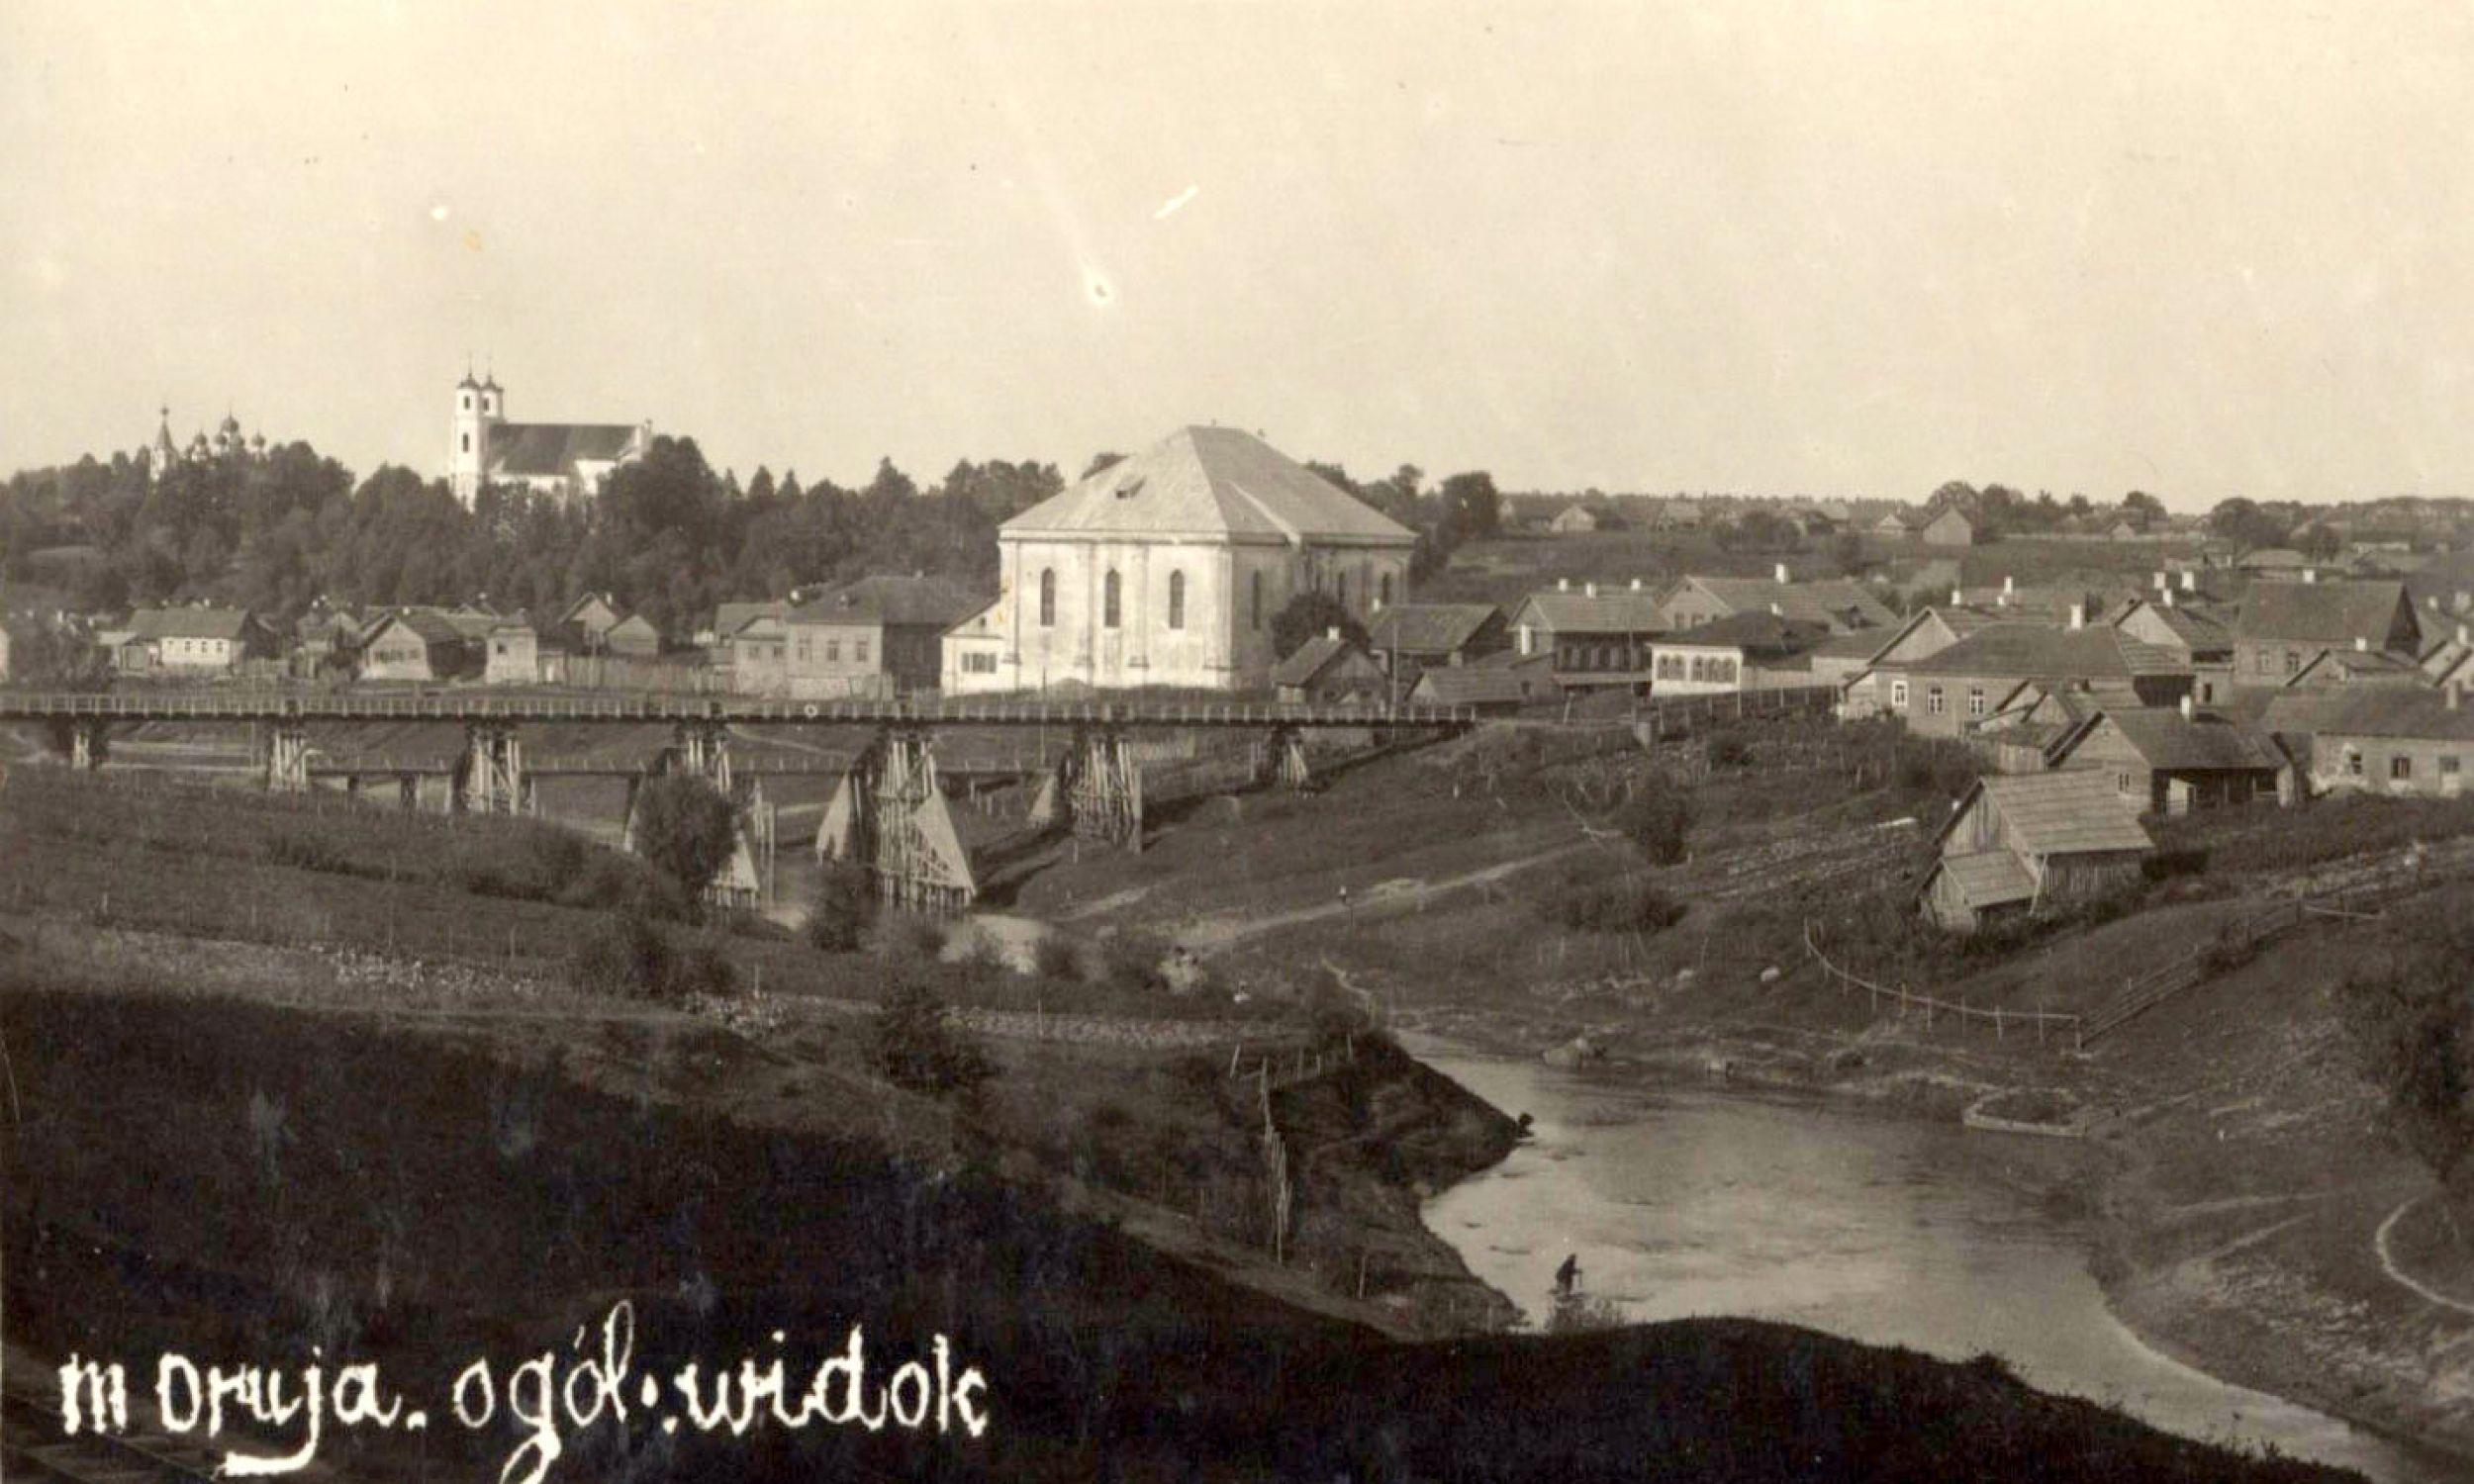 Druja, przed 1936 r. Fot. Wikimedia/Biblioteka Narodowa, Poczt.13128a